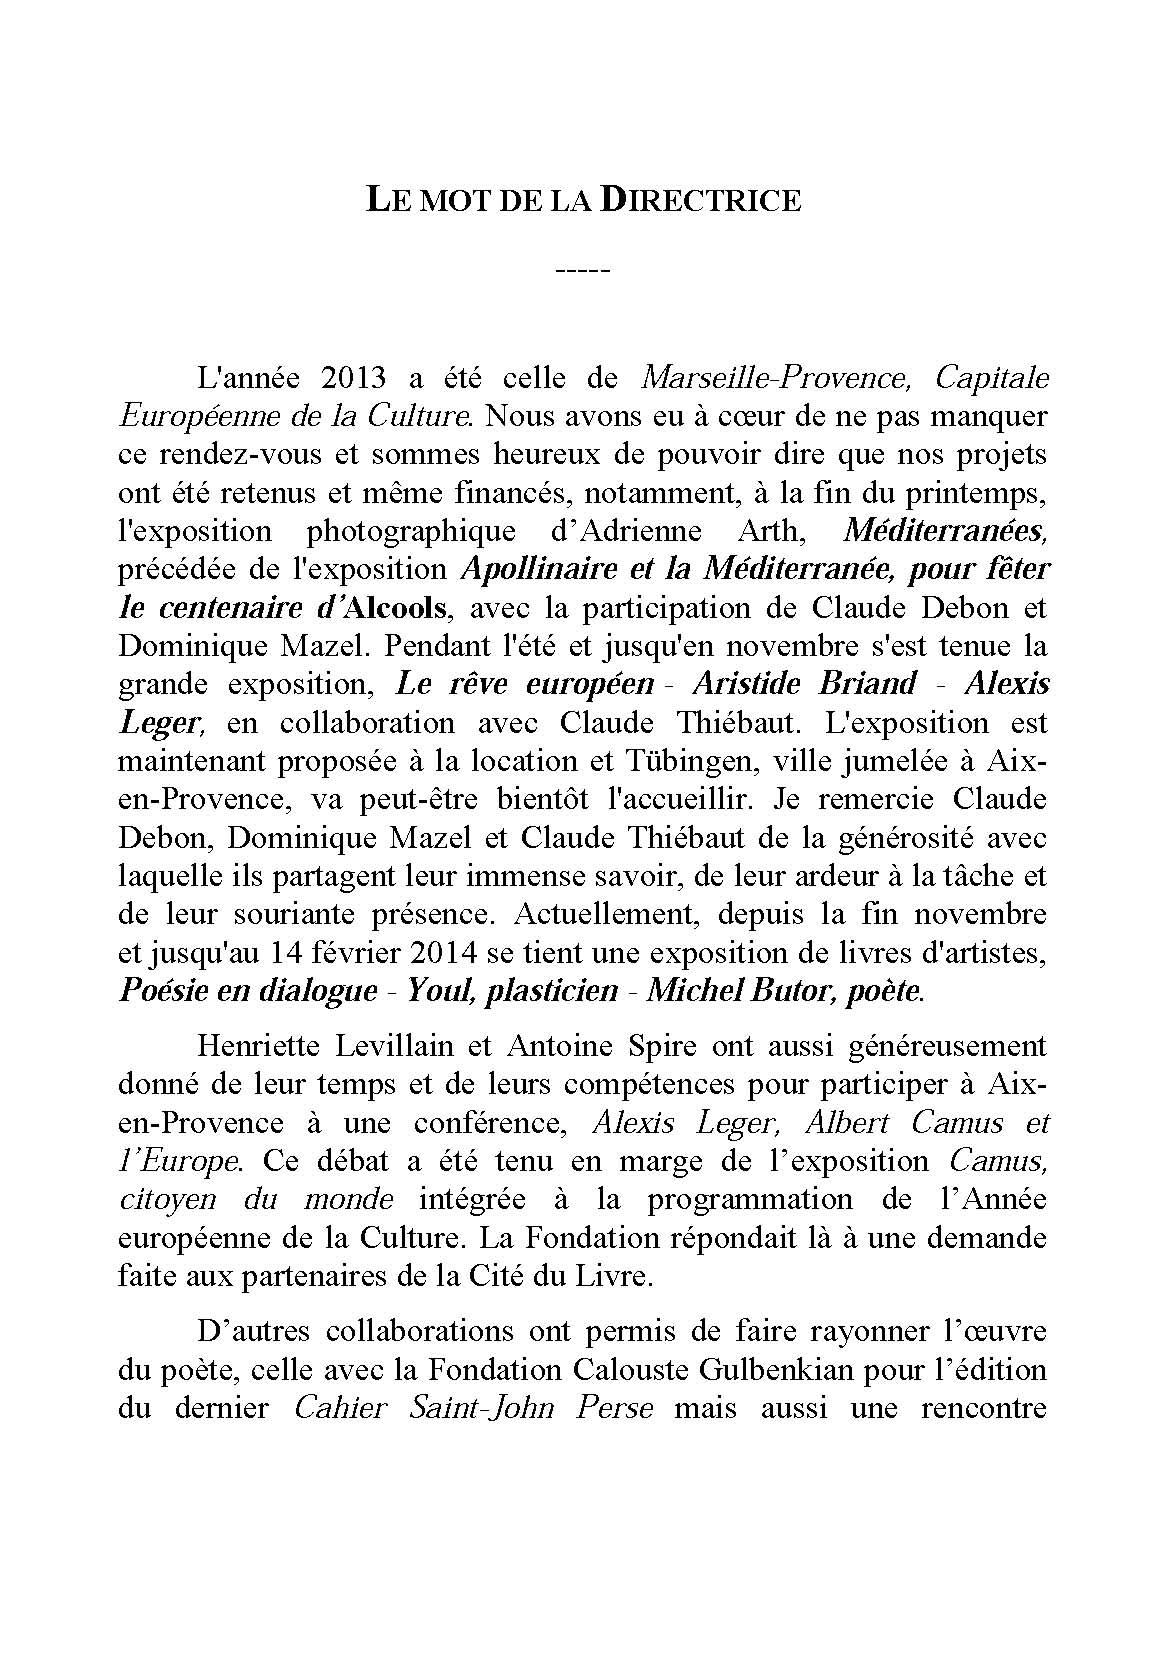 pages-de-souffle-n-16-p-247-a-248_page_1